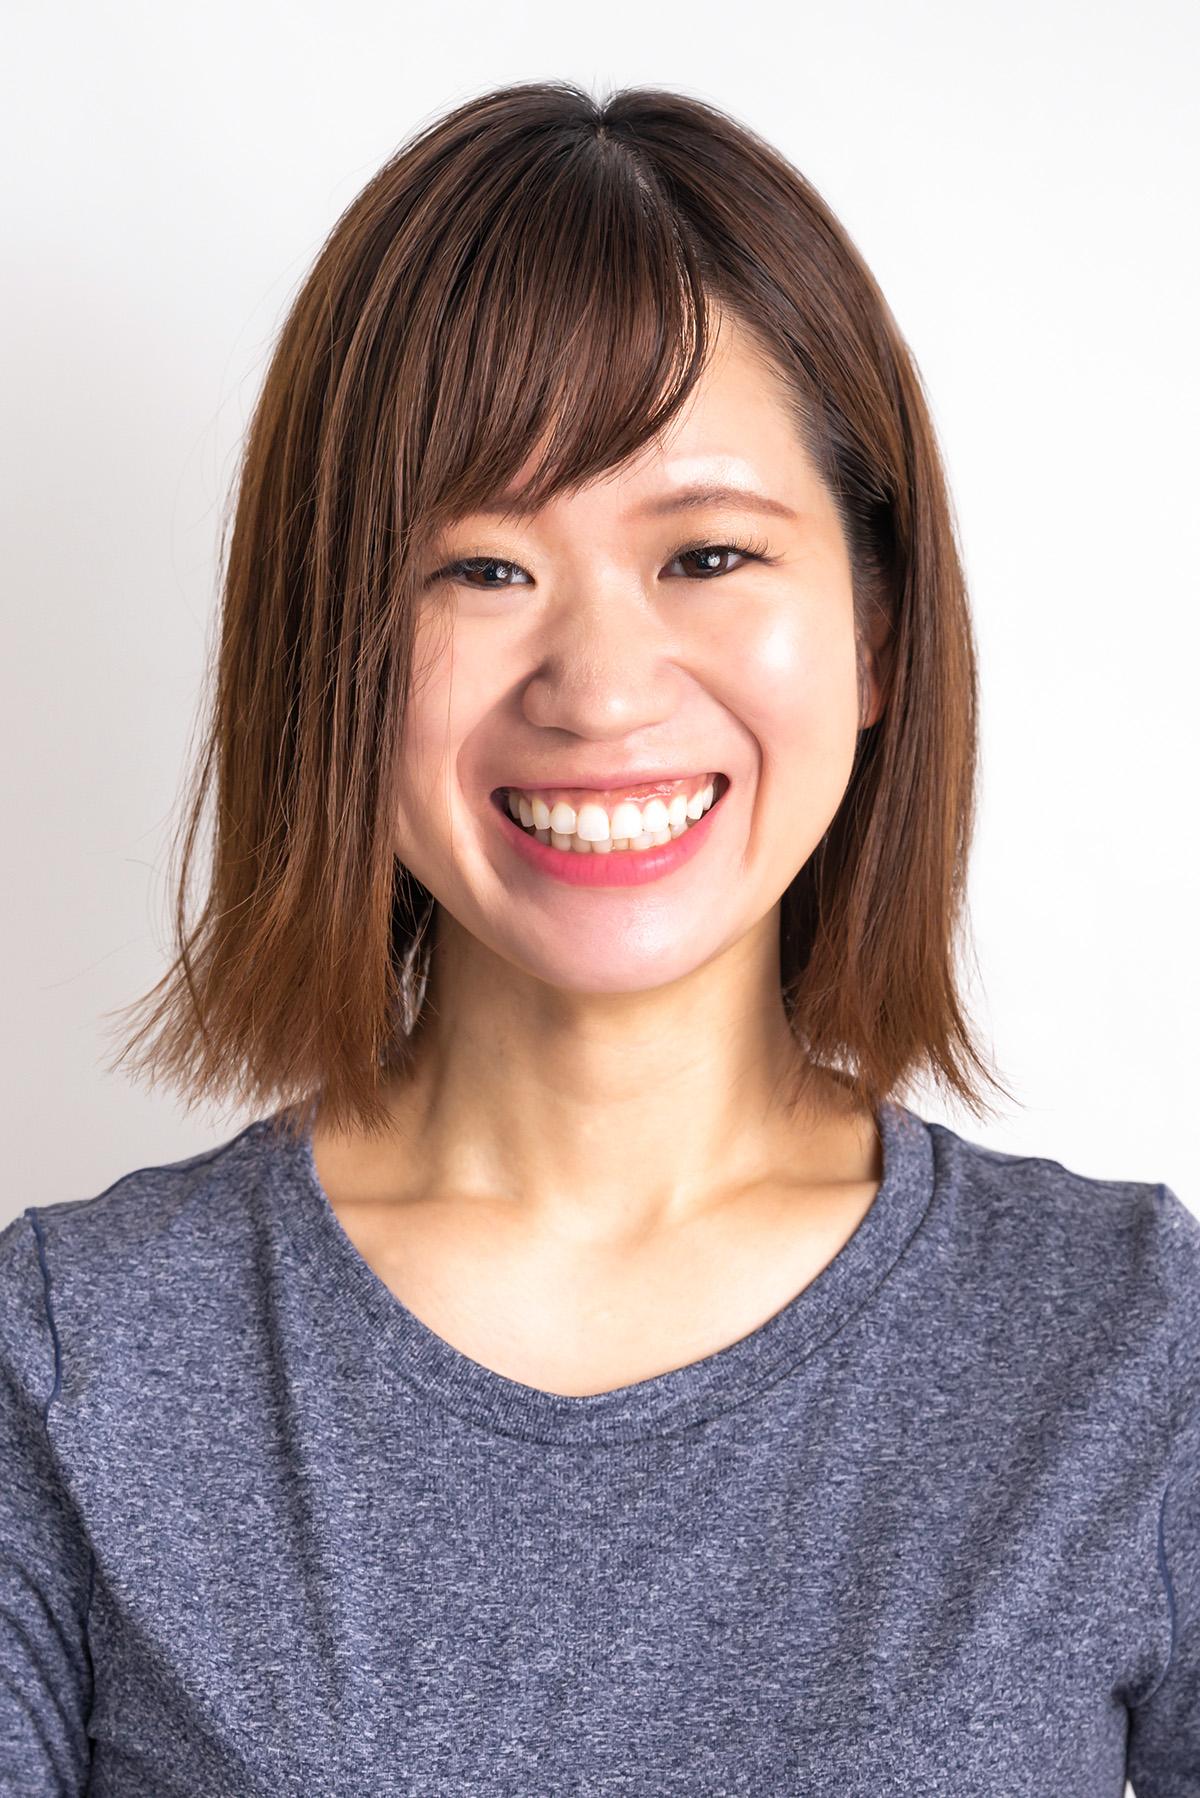 パーソナルトレーナー   和多 那美子 Namiko Wada   略歴:   ヨガスタジオでインストラクターとして活動し、エステ、フットセラピーのお店でも5年間勤務。その後フリーのインストラクターとして活動しながら、トレーナーとしての知識や技術の習得に励んでいました。2018年よりAnchorで活動しています。  ヨガ、ピラティスの指導、またセラピストとしての経験から、オイルマッサージ、リフレクソロジー、デコルテなども行えます。ご希望の方は、お知らせください。   資格:   全米ヨガアライアンスRYT200取得  日本セラピスト協会認定セラピスト  PHIピラティスインストラクター